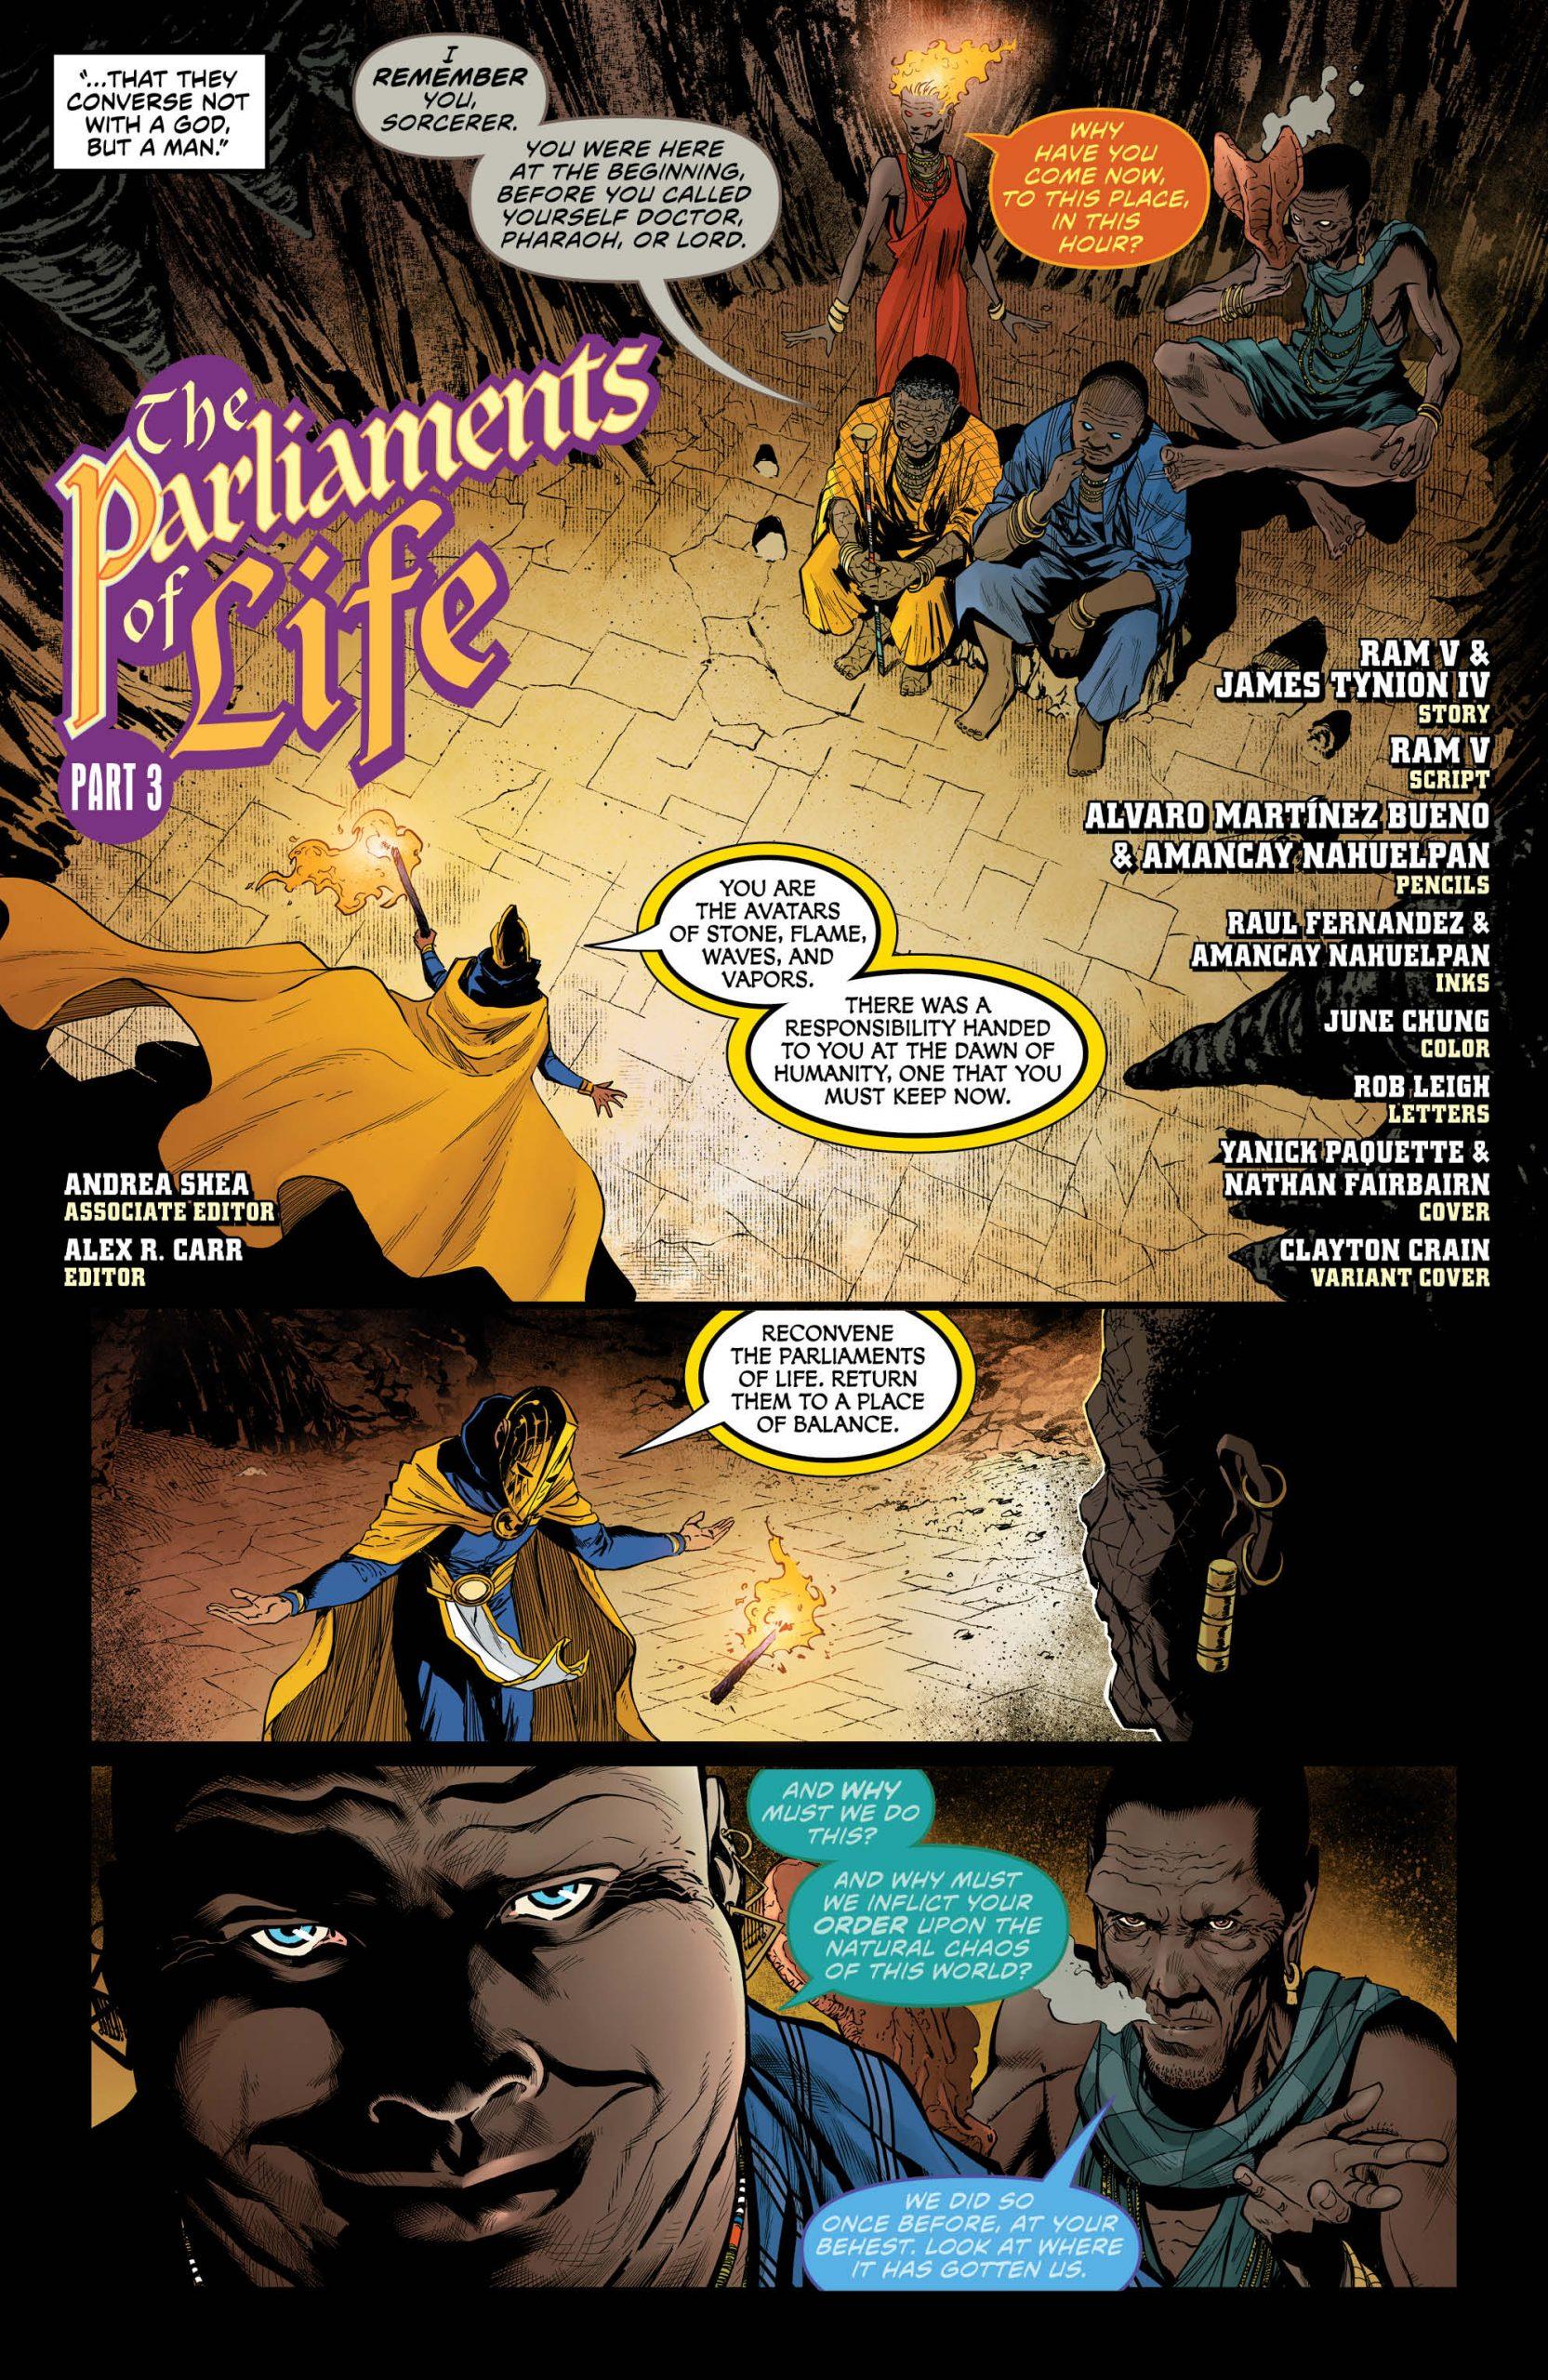 Justice League Dark #22 Pg. 3